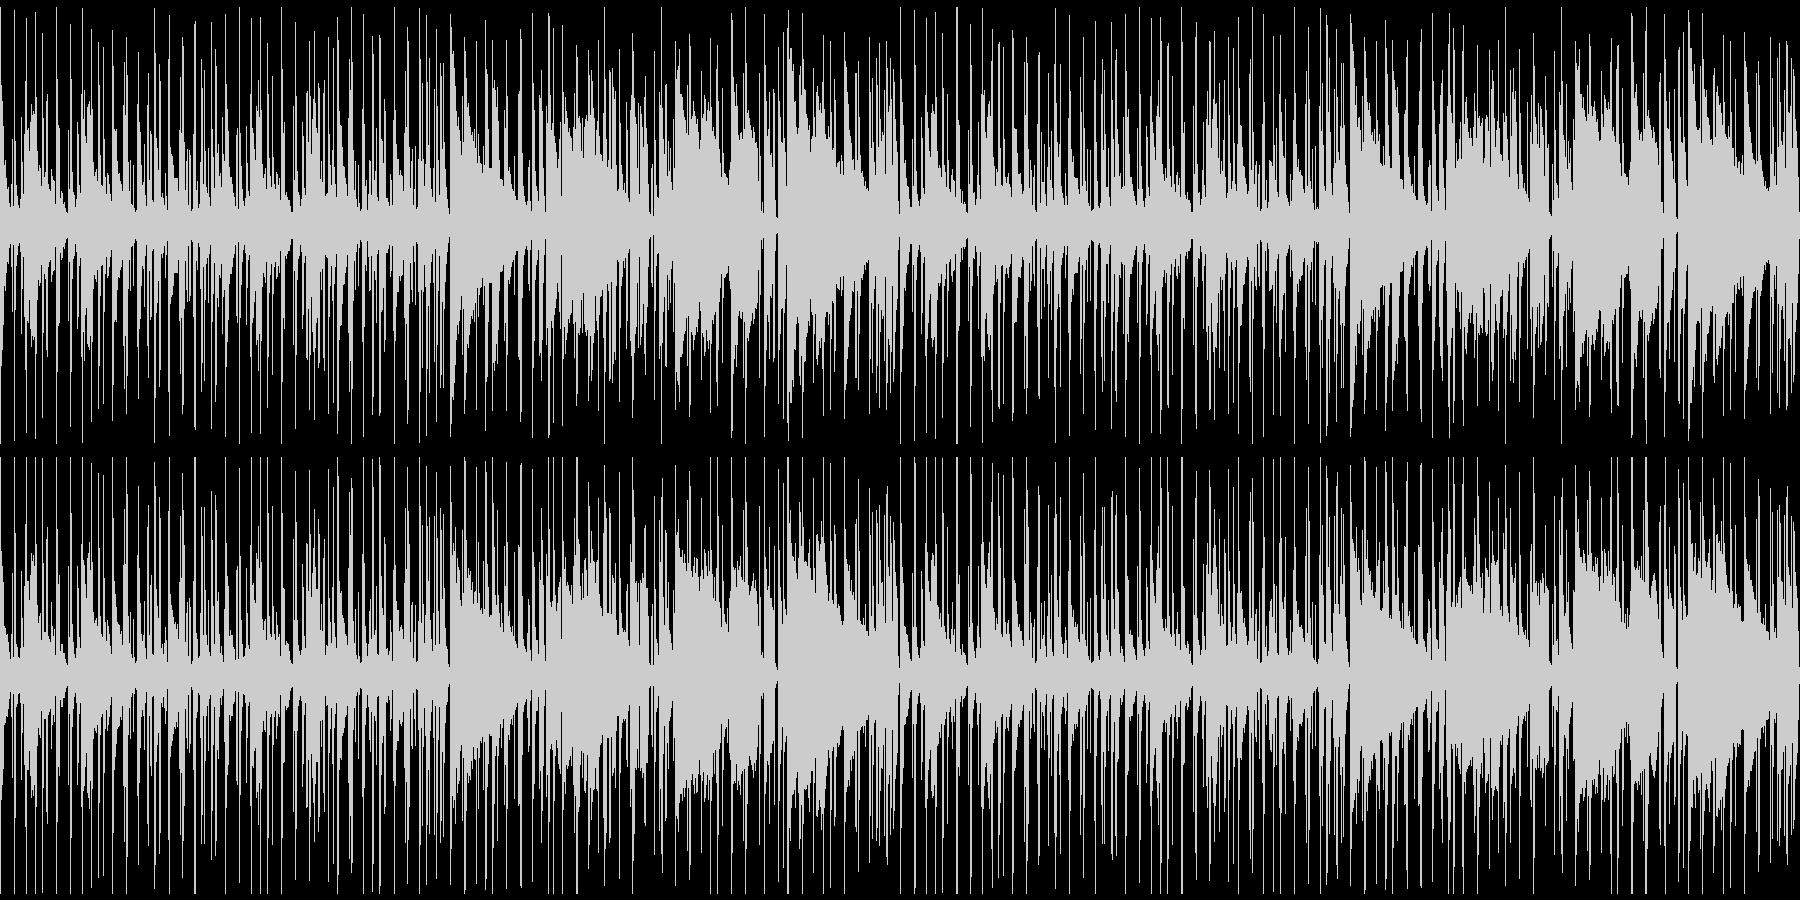 【ほのぼのオシャレな大人ジャズ】の未再生の波形